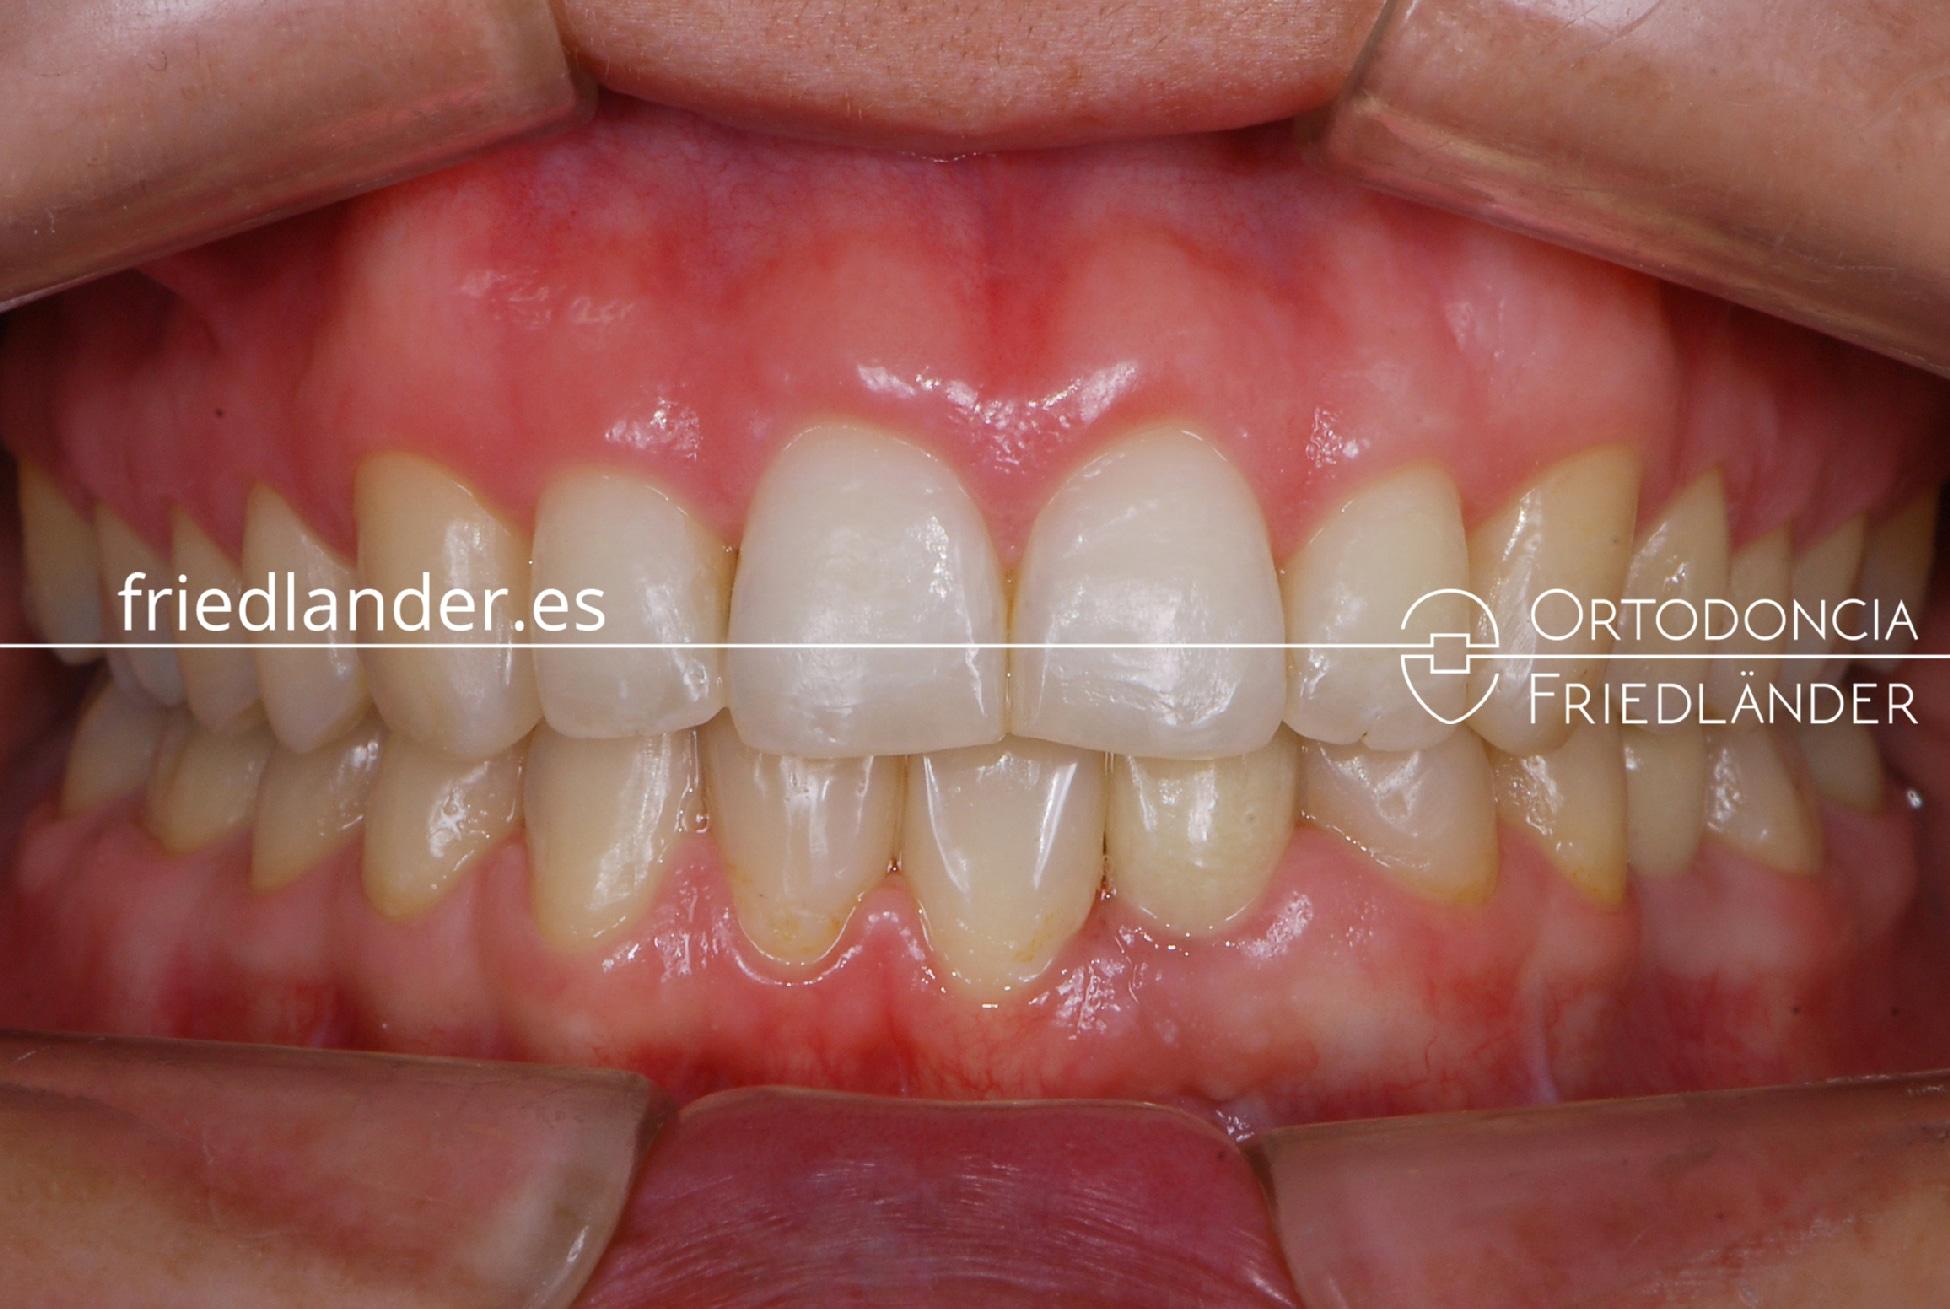 Tratamiento multidisciplinar de agenesias dentales con ortodoncia fija de autoligado, implantes y estética dental - Caso 44 1